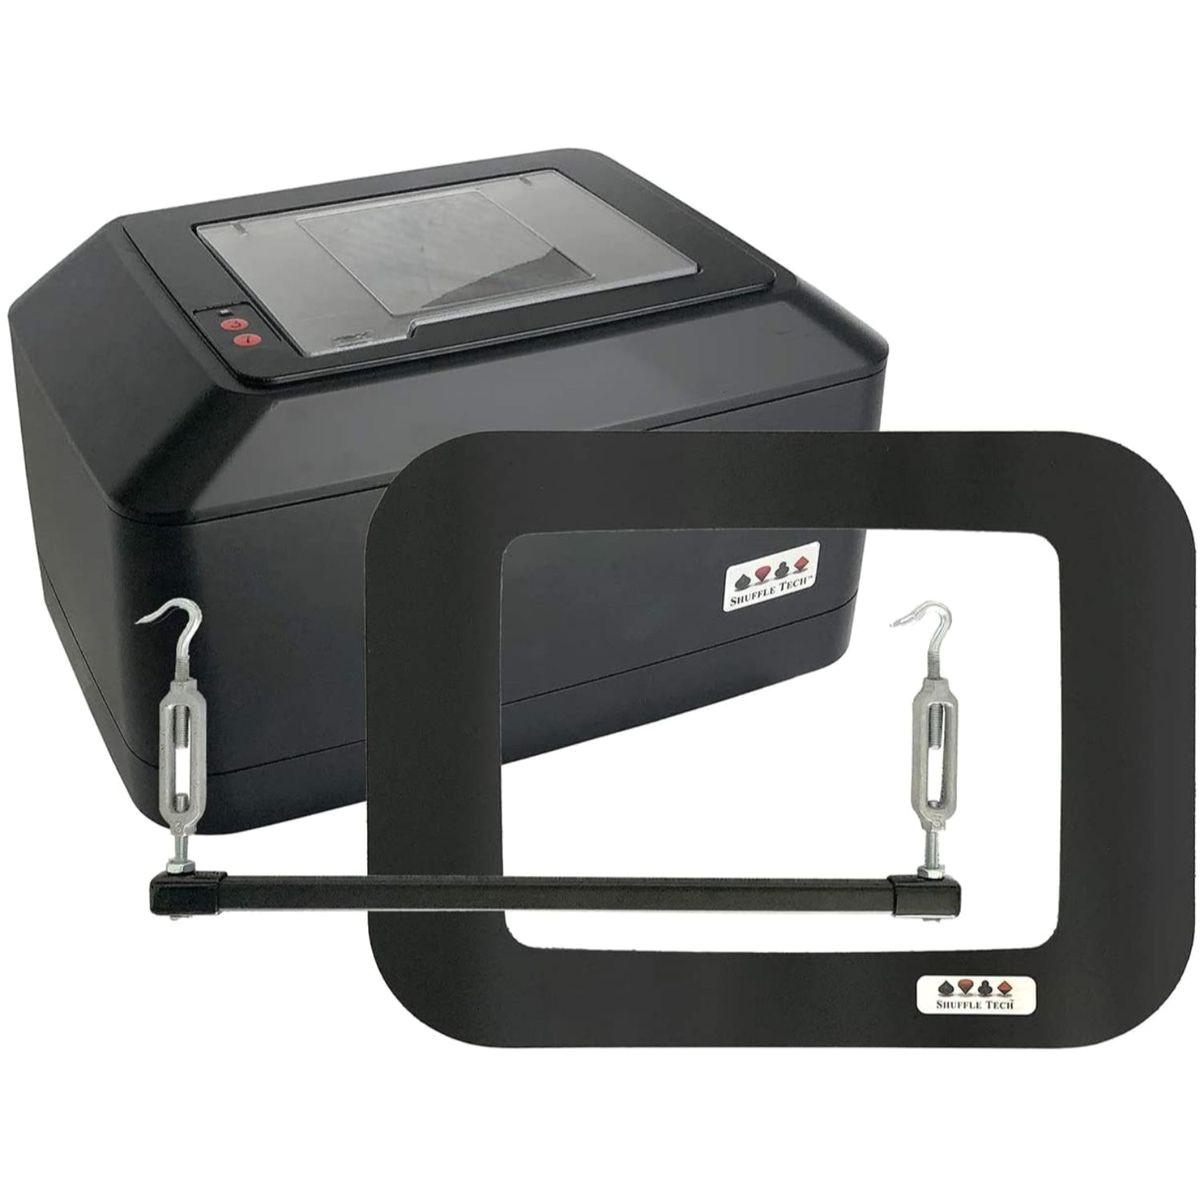 shuffle tech st1000 professional automatic card shuffler